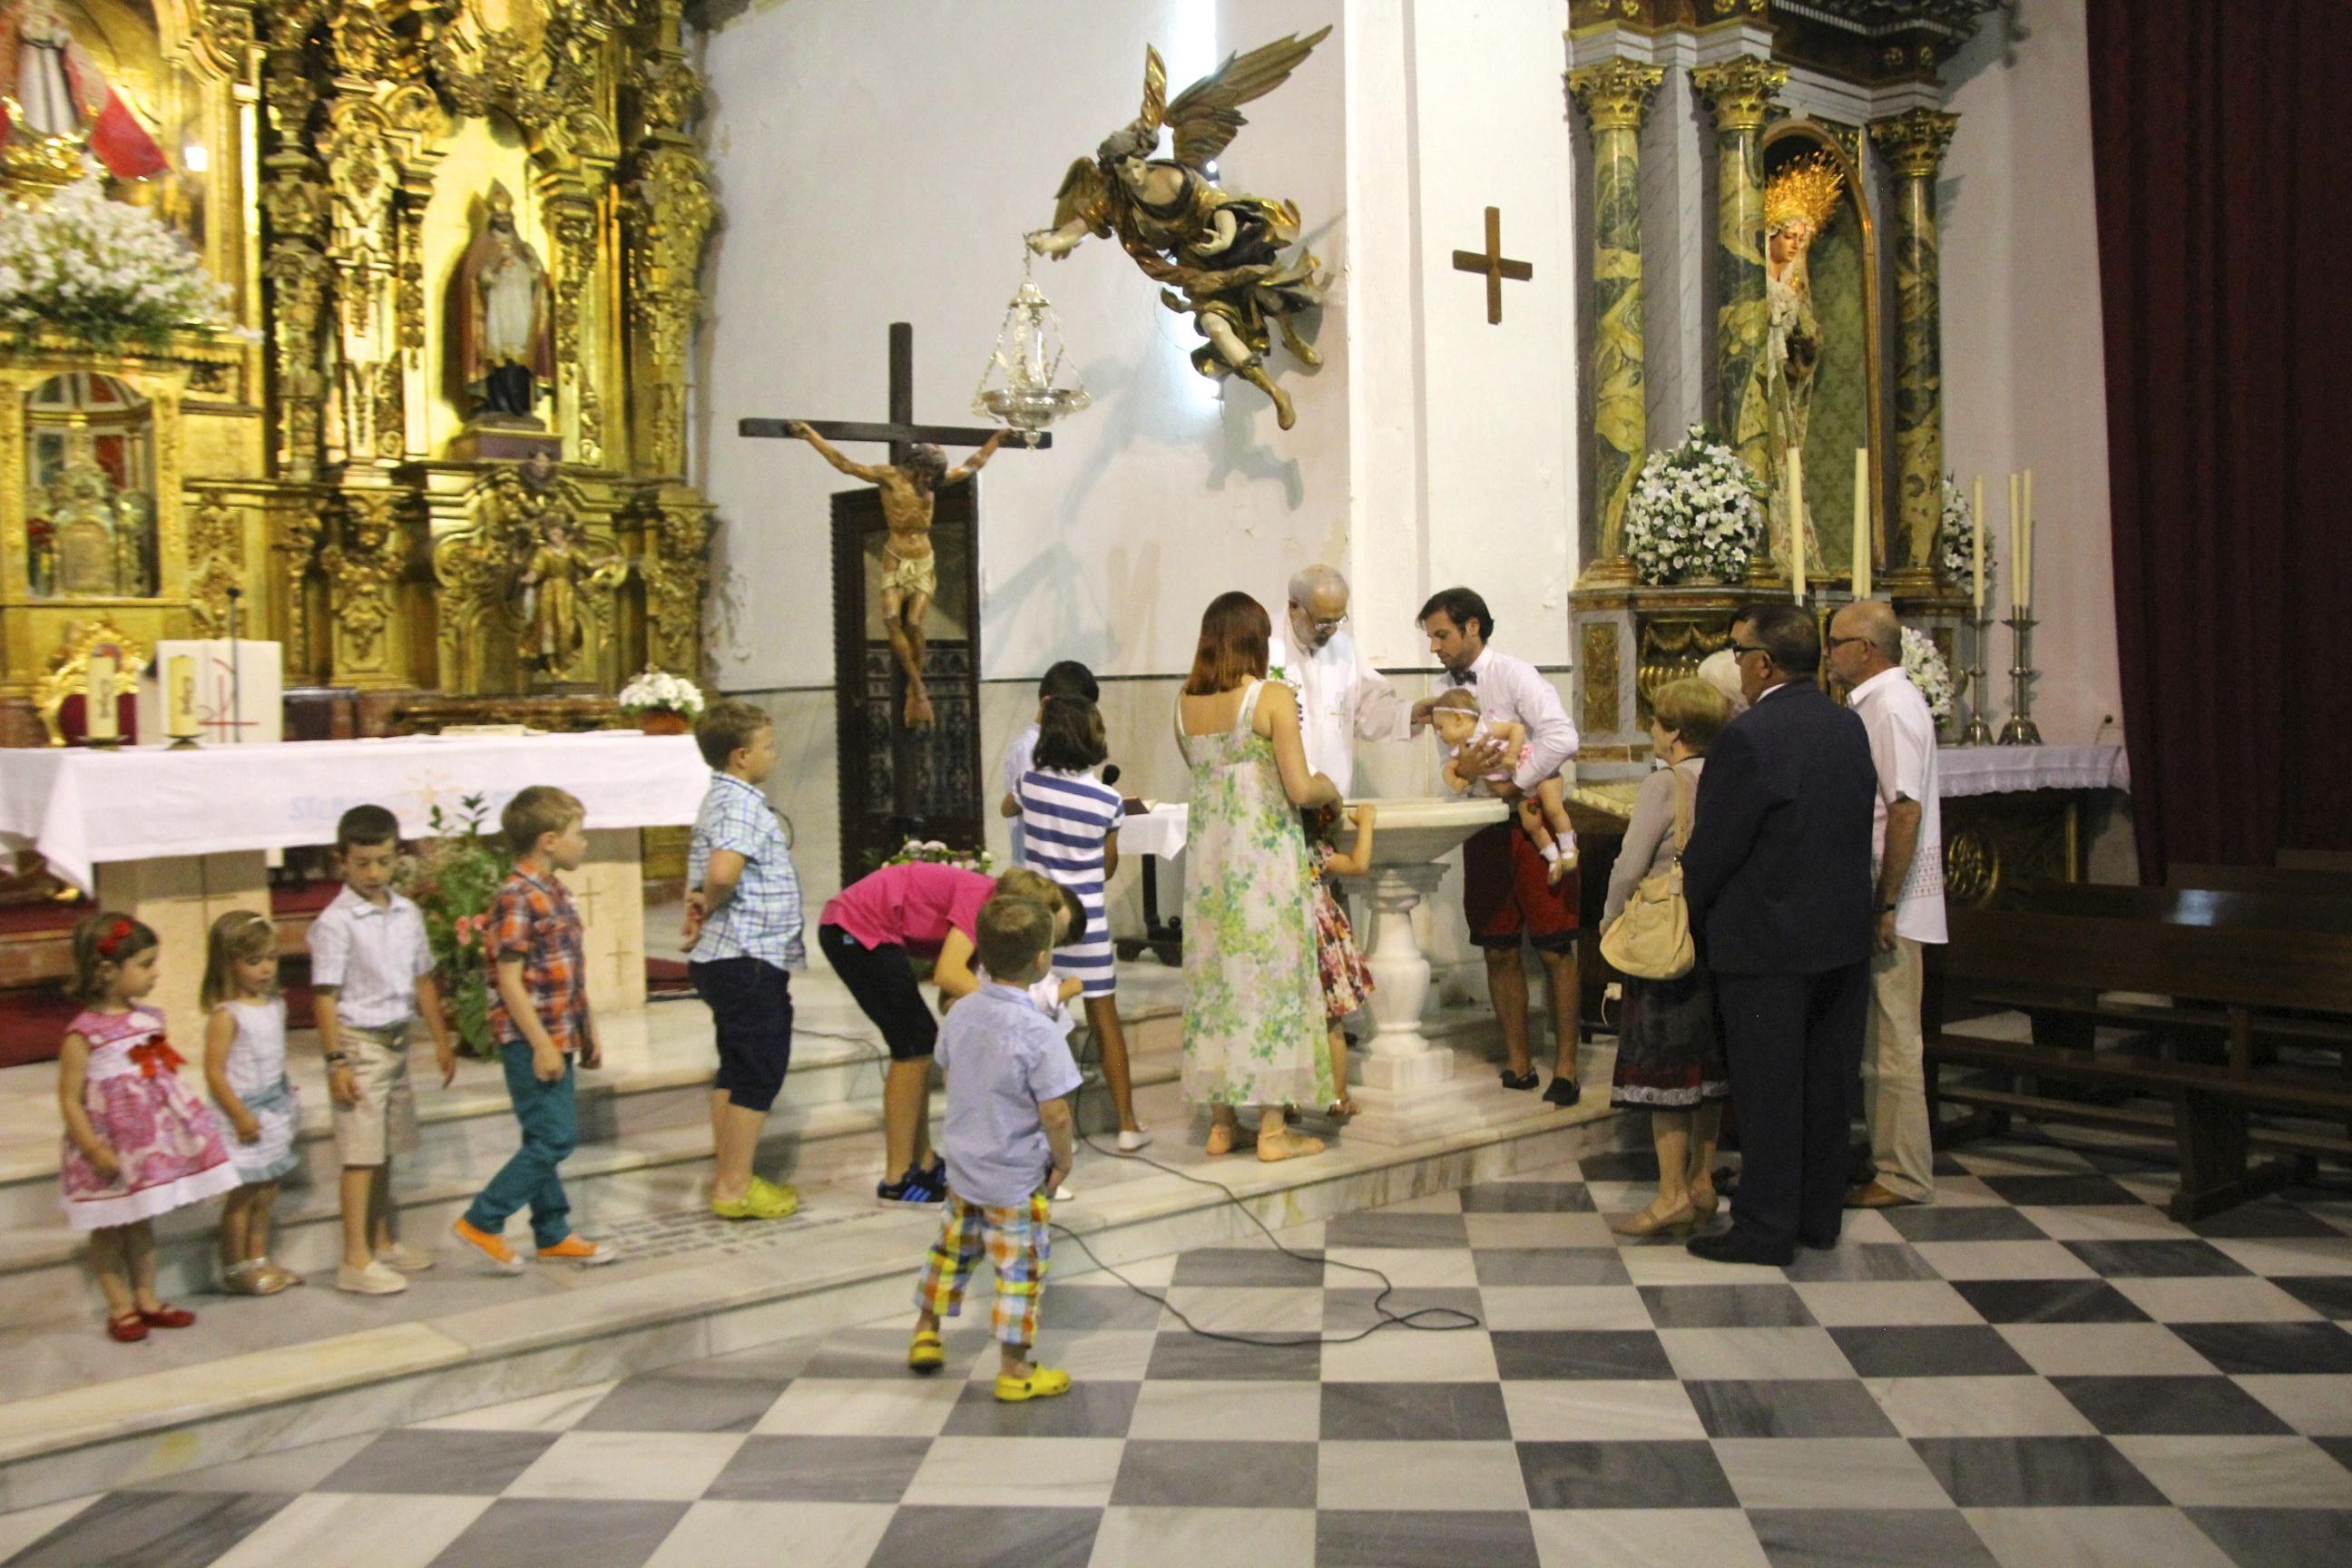 Kaikki lapset kutsuttiin alttarille mukaan kastetoimitukseen.